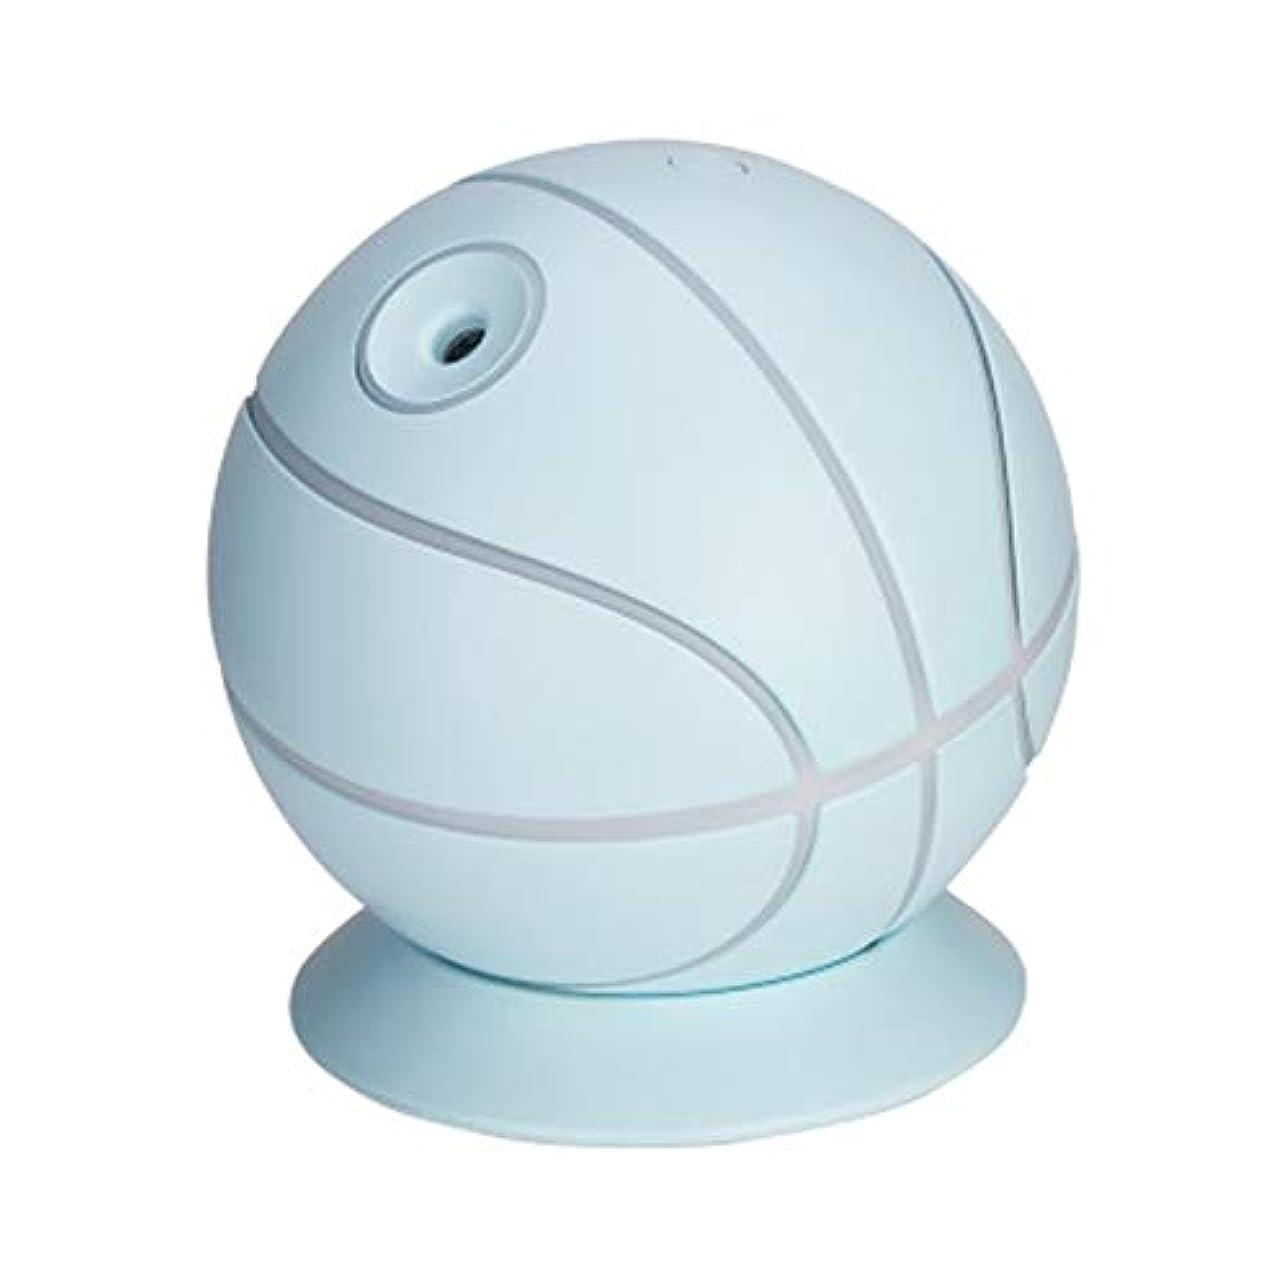 ハンディ等価忙しいバスケットボール エッセンシャルオイル ディフューザー、 USB 超音波 酸素 流量計 アトマイザー クールミスト 空気 加湿器、 180° ロータリー ミニ ディフューザー にとって ホーム 車 事,Blue